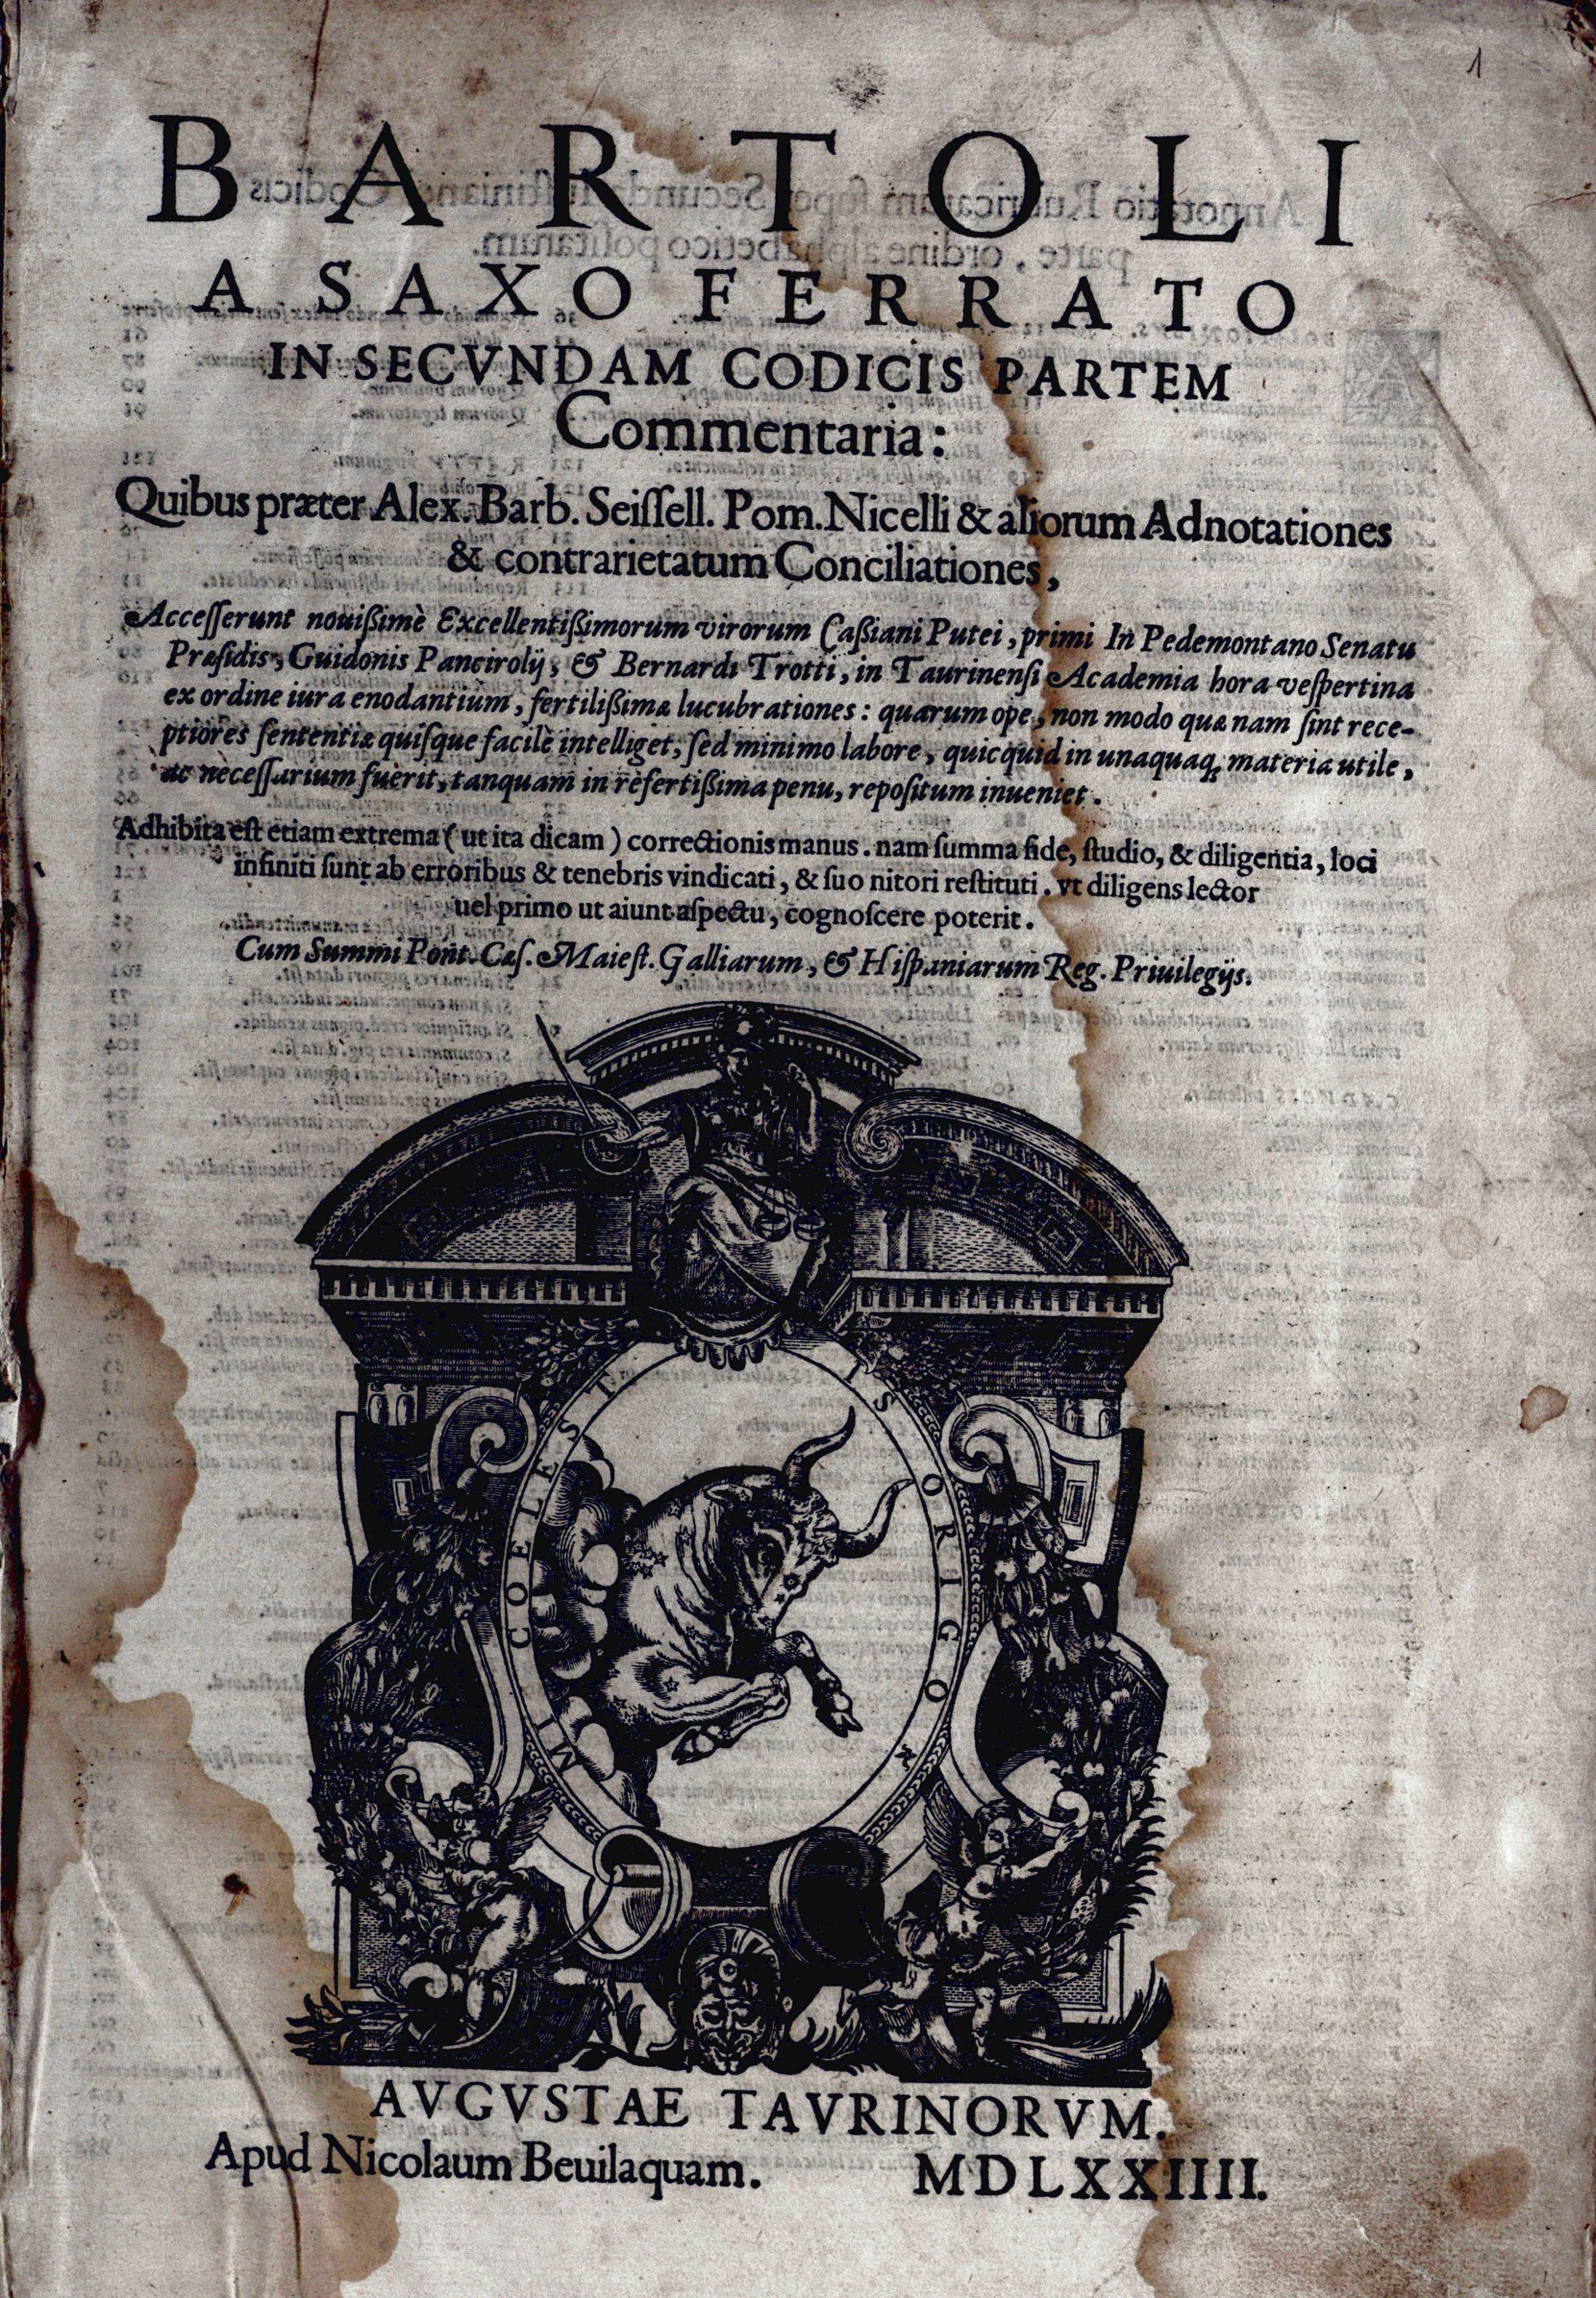 Bartoli a Saxoferrato In secundam Codicis partem..., 1574